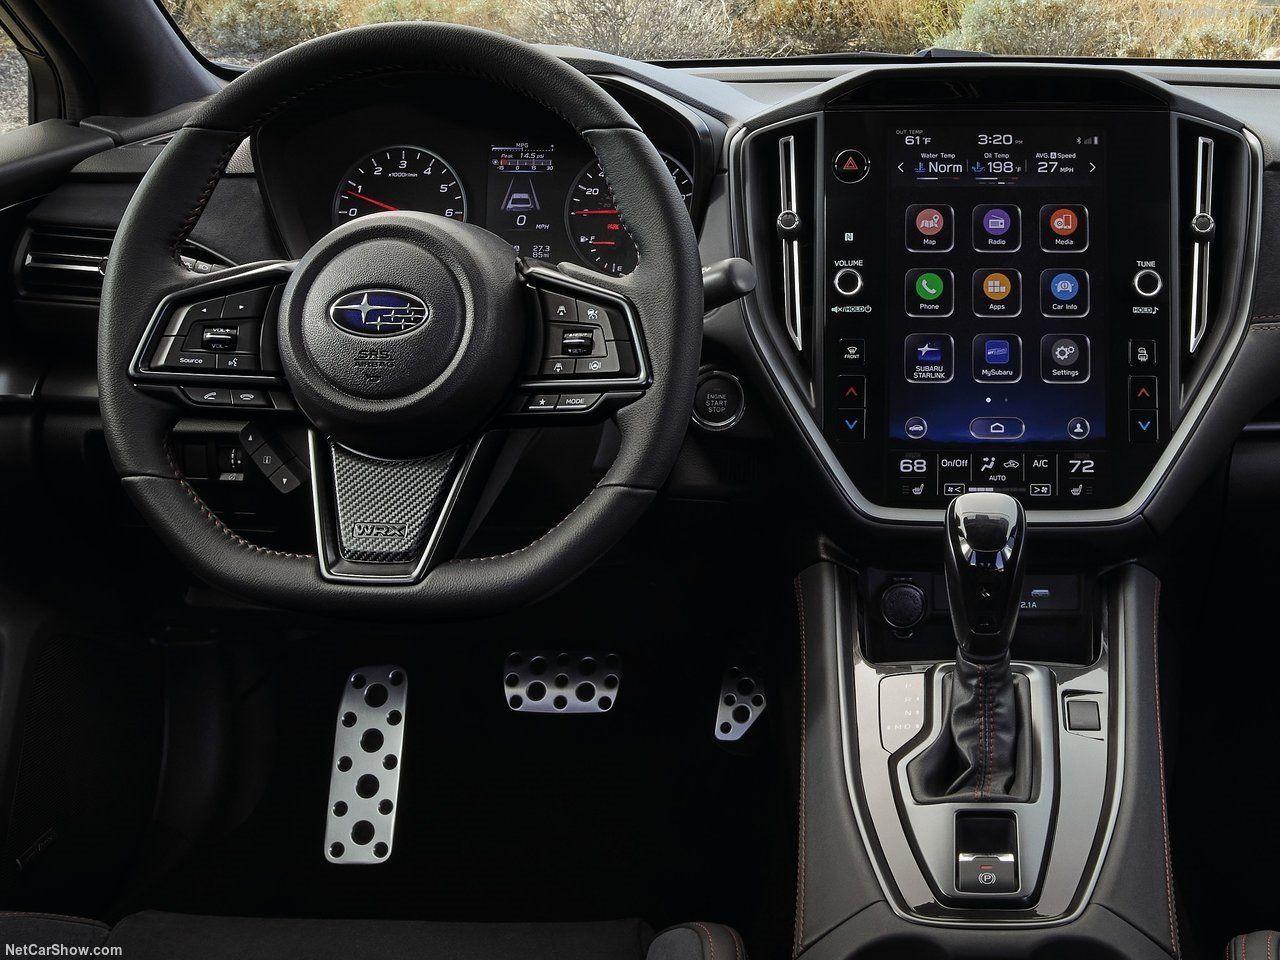 Subaru WRX yeniden doğuyor! İşte karşınızda 2022 model Subaru WRX - Resim: 2